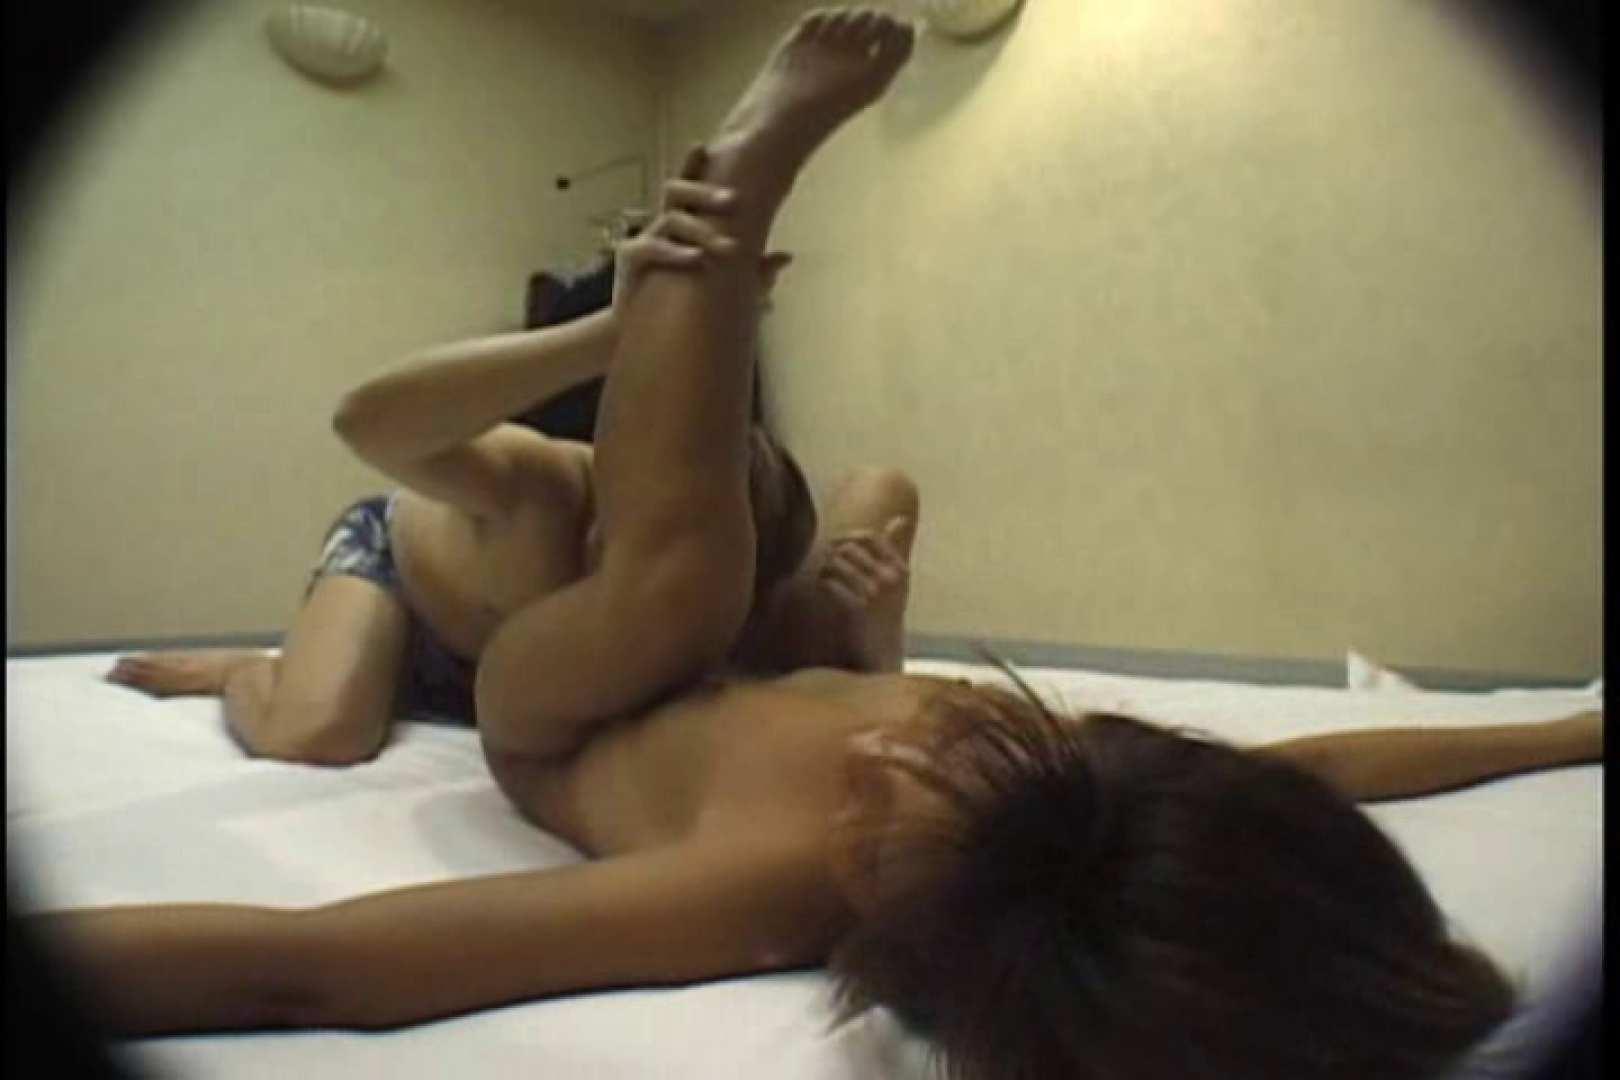 素人嬢126人のハメ撮り 水嶋 一般投稿 セックス画像 96pic 86